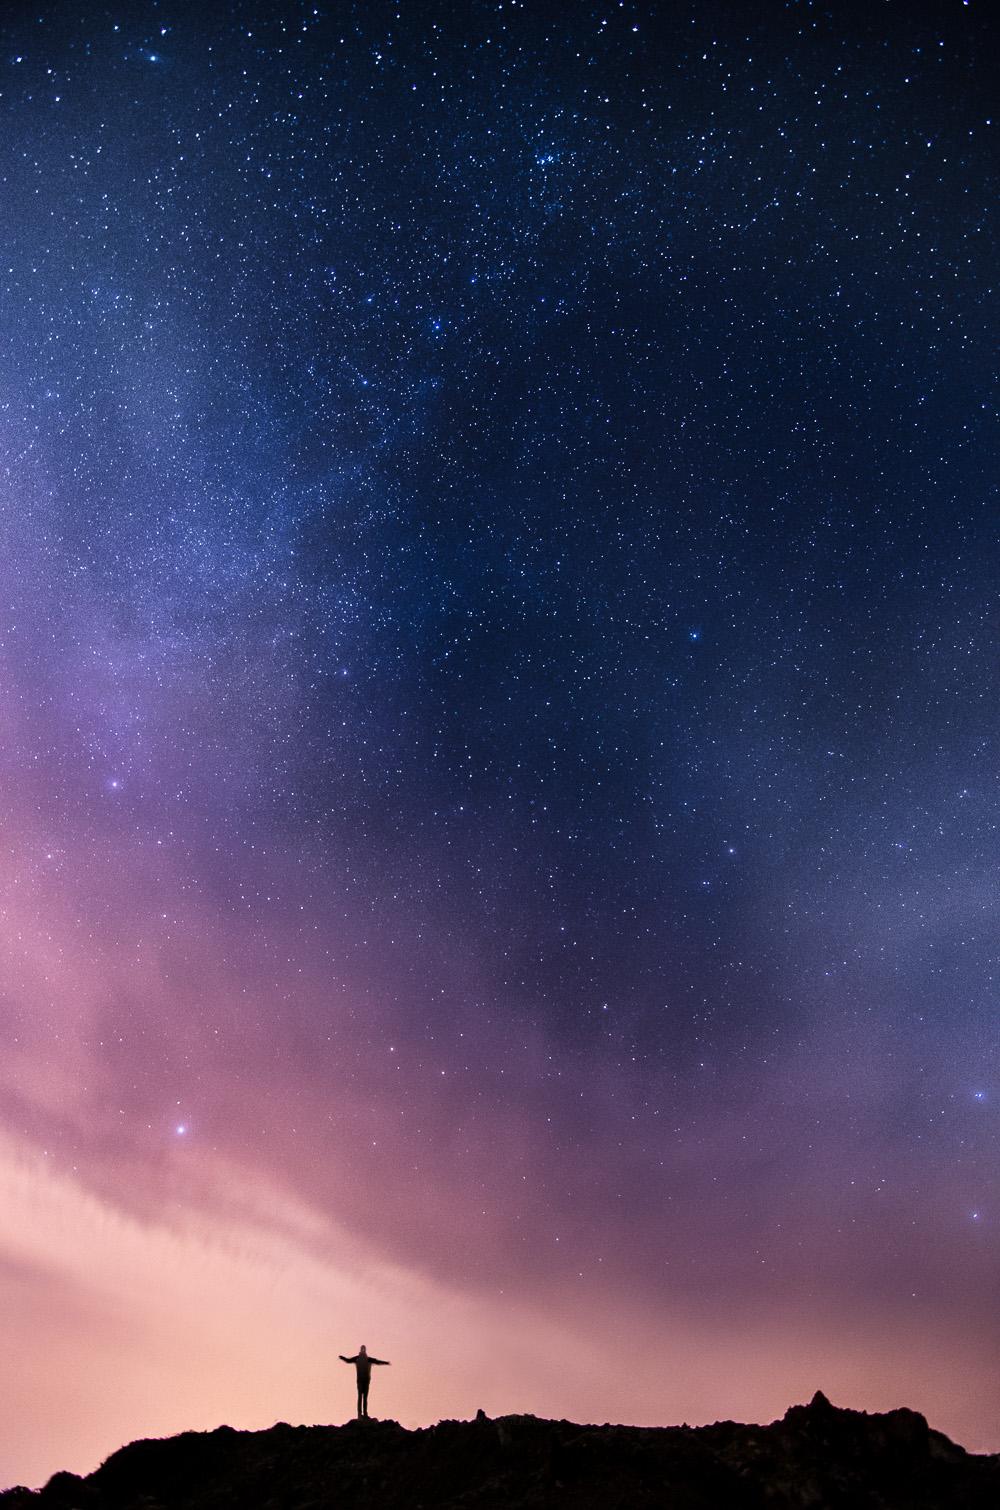 آموزش عکاسی از ستارگان و آسمان شب